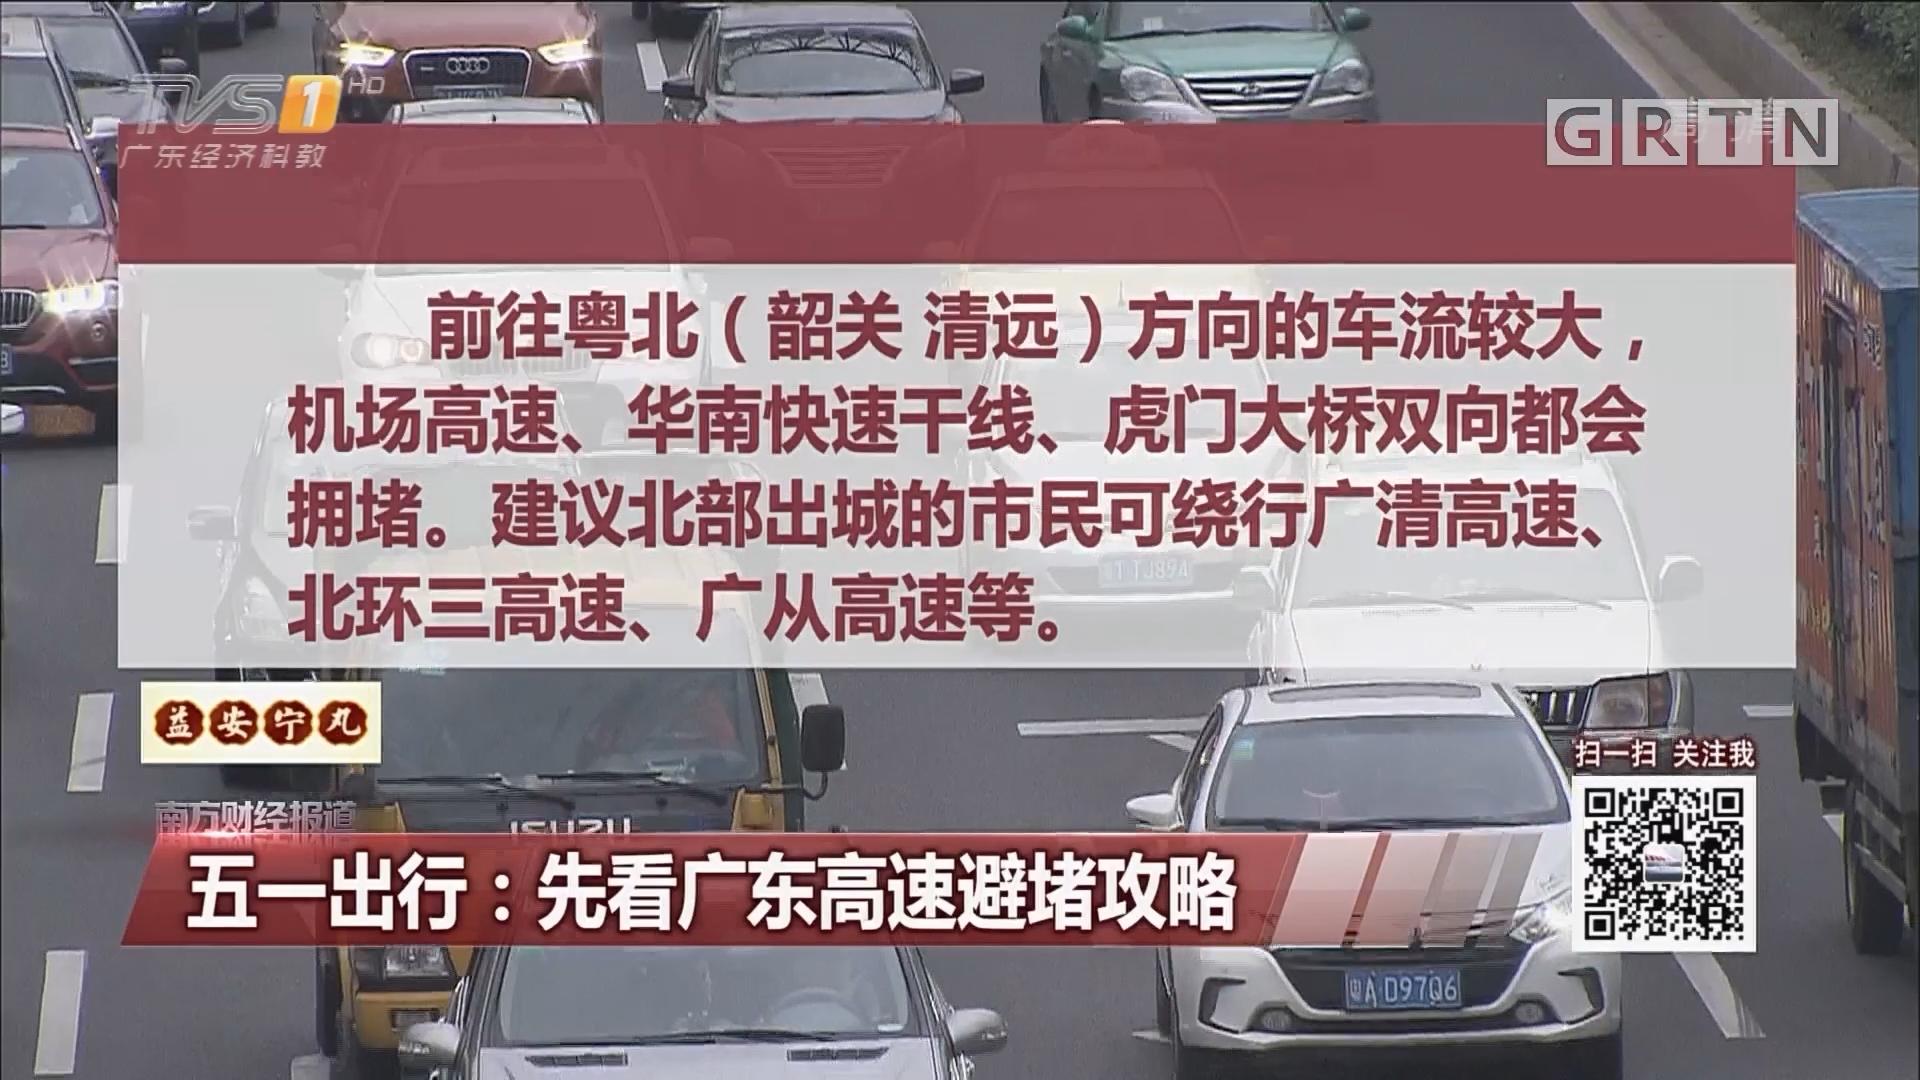 五一出行:先看广东高速避堵攻略